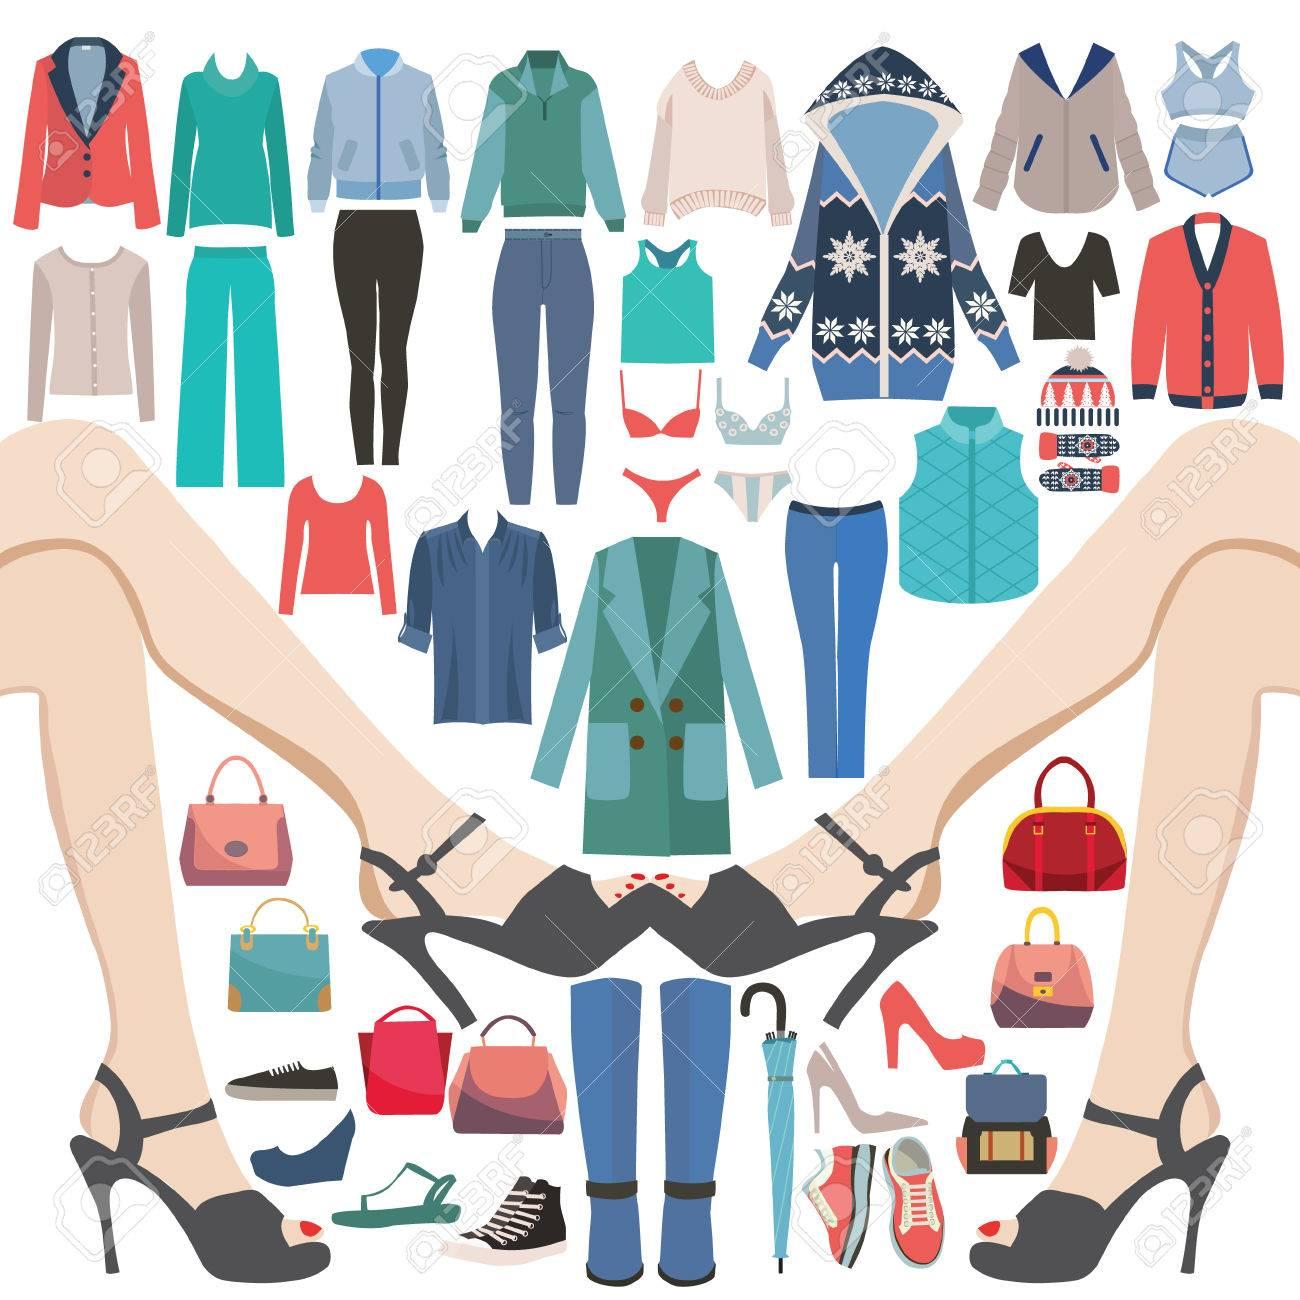 1367cde4 Vector Moda mujer ropa Ropa y accesorios icono conjunto. Colección de moda  de gran venta y compras.